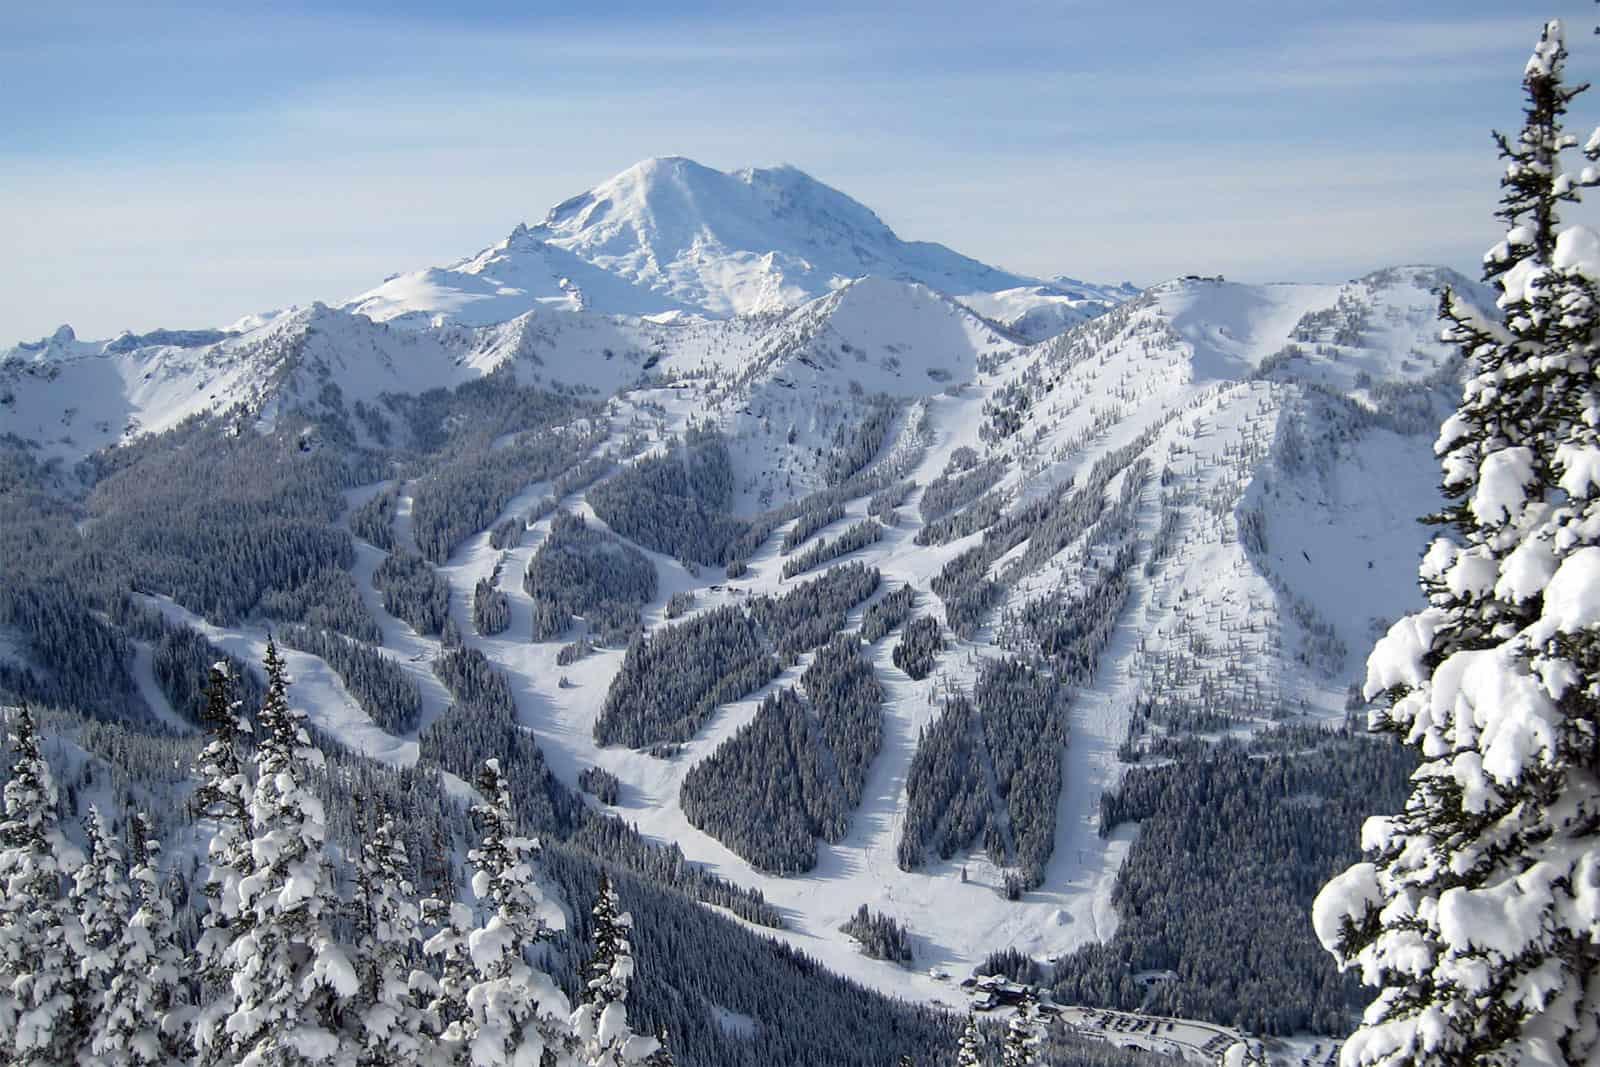 Crystal Mountain Ski Resort